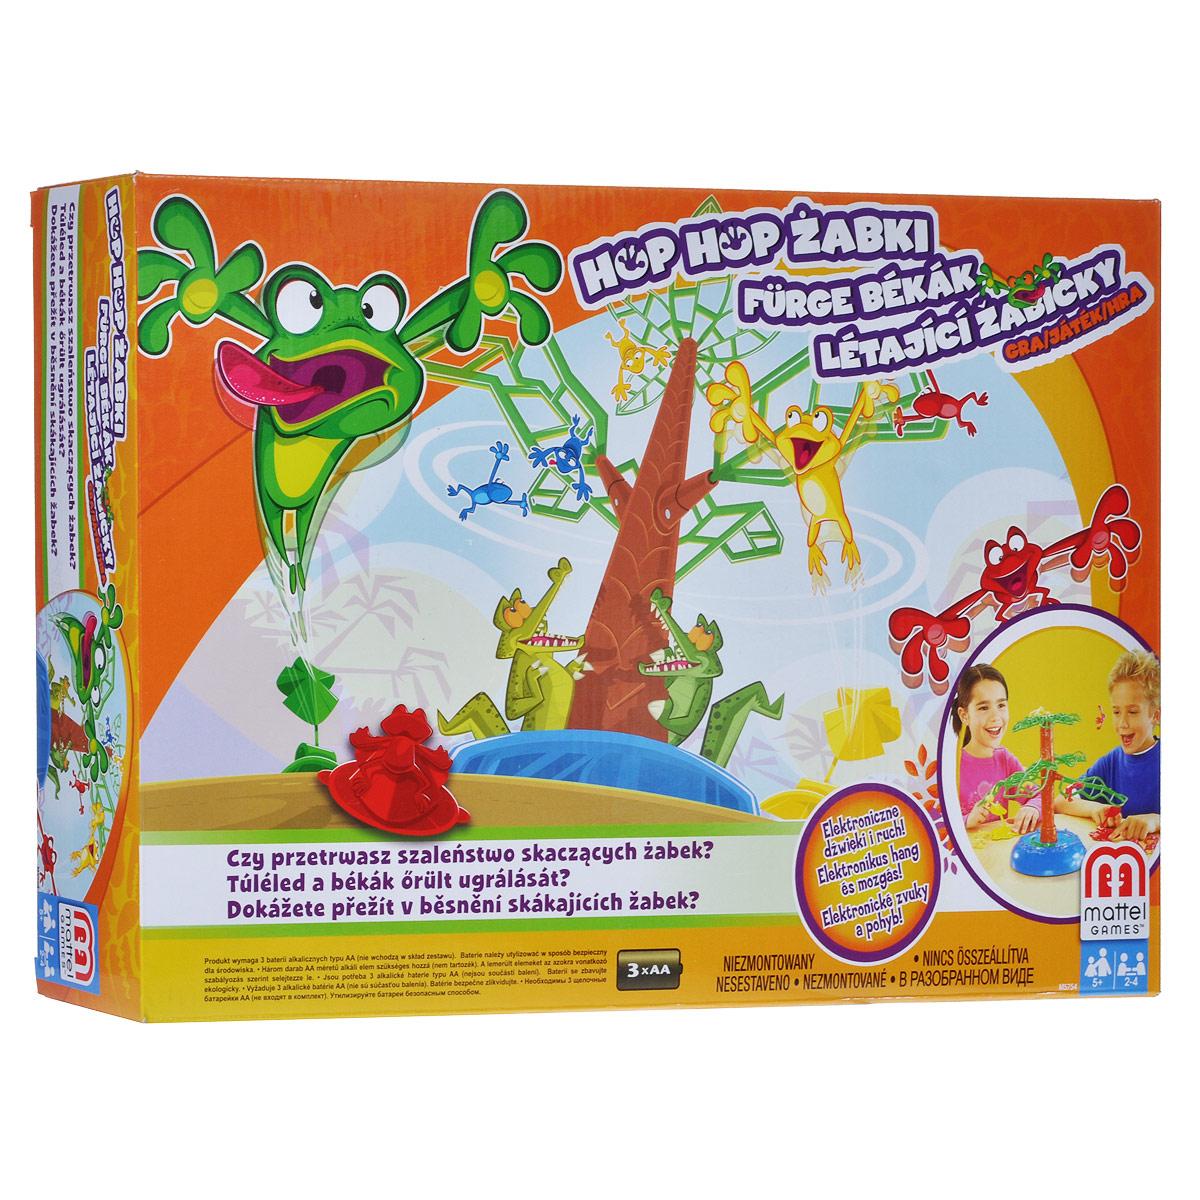 Mattel Games Настольная игра Летающие лягушкиM5754Настольная игра Mattel Games Летающие лягушки позволит вашему ребенку весело провести время в кругу друзей или семьи. Участники используют пусковые устройства в виде лилий для запуска своих лягушек на вращающееся дерево. У кого больше лягушек останется сидеть на дереве, тот и выиграл раунд! Перед началом игры необходимо установить дерево. Каждый игрок берет себе пусковое устройство и шесть лягушек. Нажмите на верхушку дерева, чтобы оно начало крутиться. Игроки запускают лягушек на дерево до тех пор, пока оно не закроется. Тот, у кого больше лягушек останется на дереве, выигрывает раунд. Участник, выигравший три раунда, становится победителем. В комплект игры входят: 24 лягушки (по 6 лягушек красного, желтого, зеленого и синего цветов), 4 пусковых устройства, основание, ствол дерева, 4 ветки, верхушка дерева и правила игры на русском языке. Необходимо докупить 3 батарейки напряжением 1,5V типа АА (не входят в комплект).